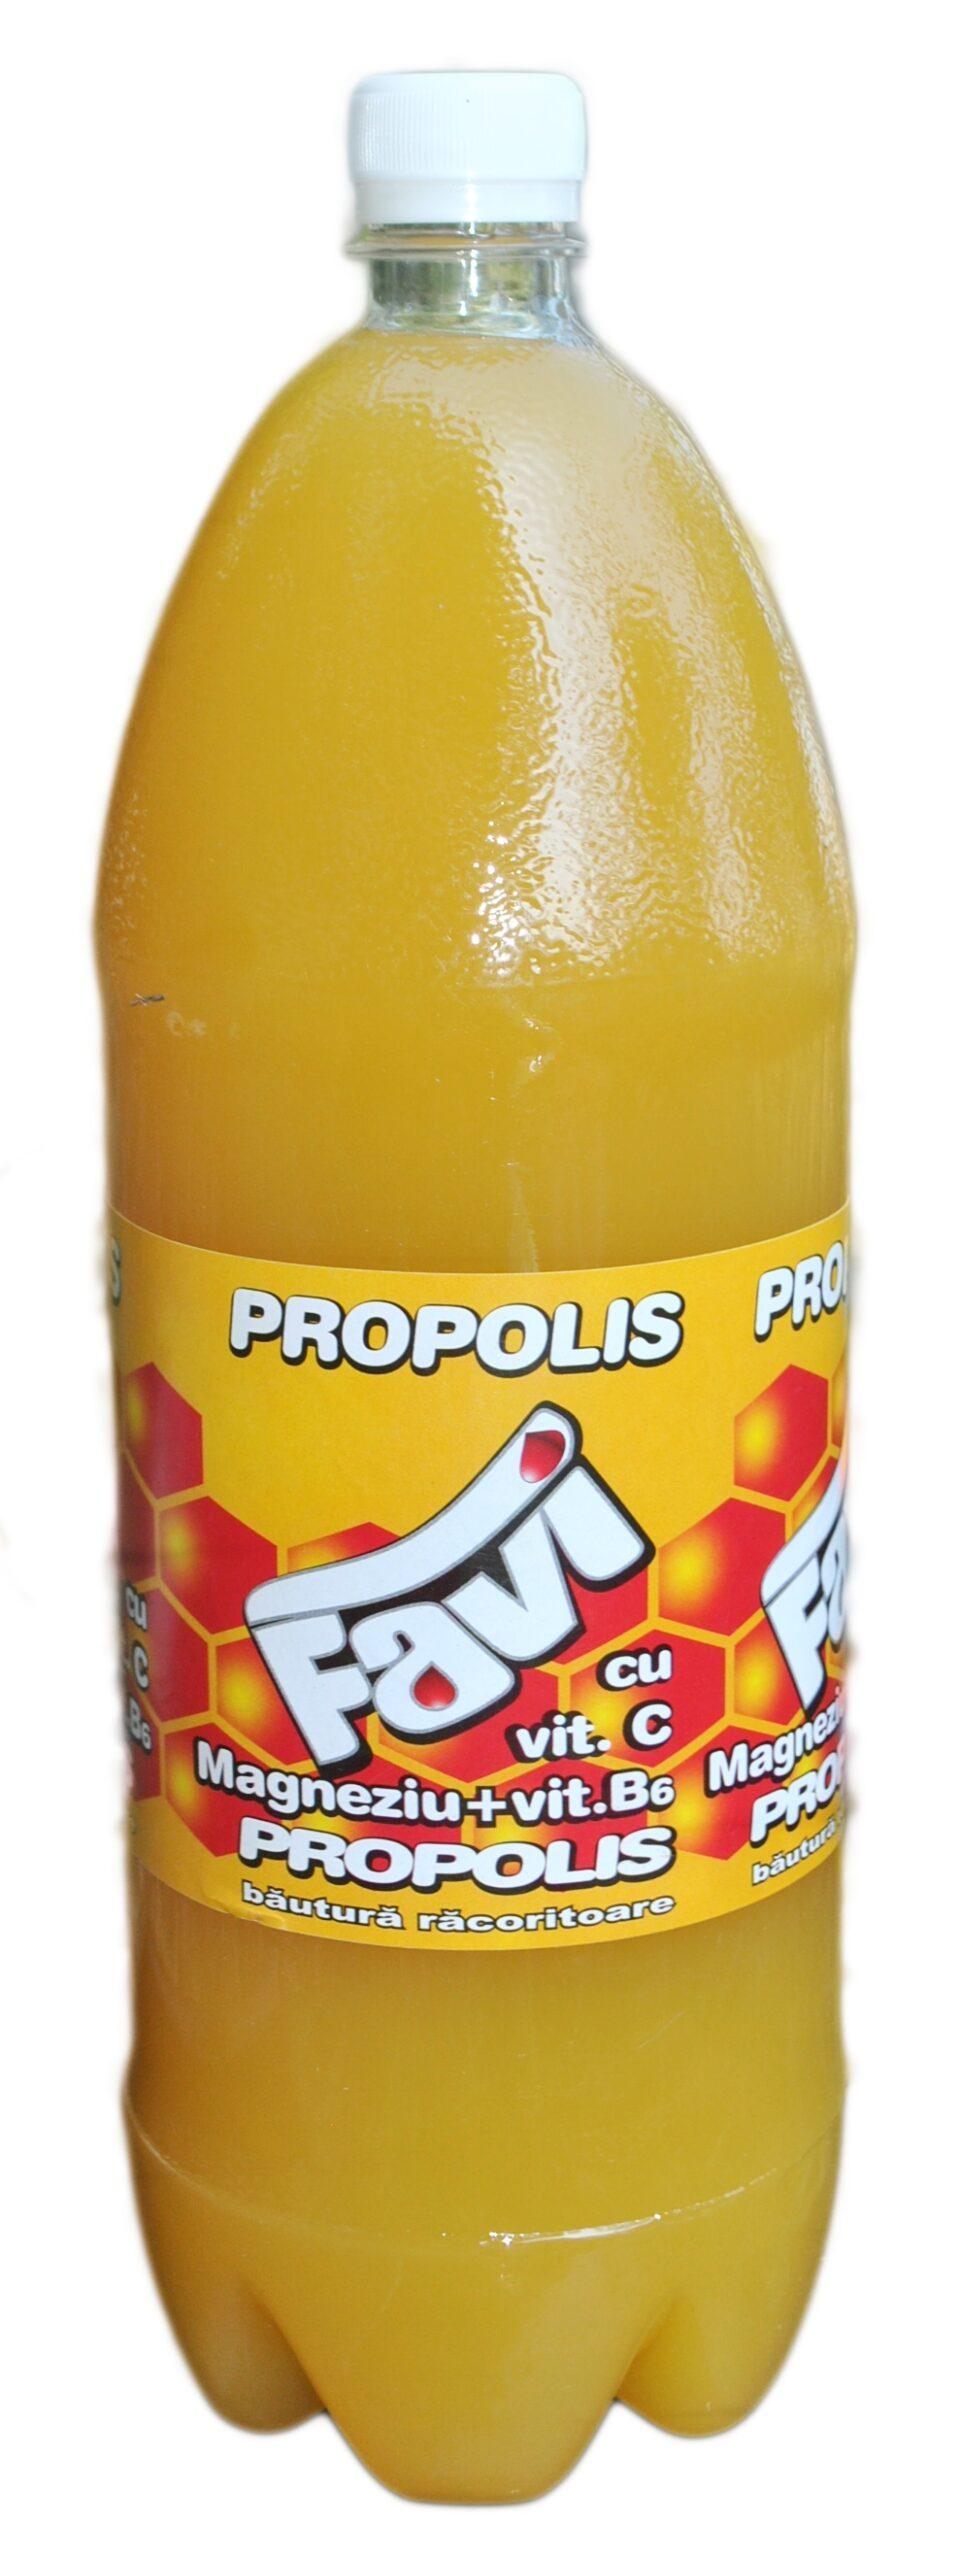 Propolis - bautura racoritoare